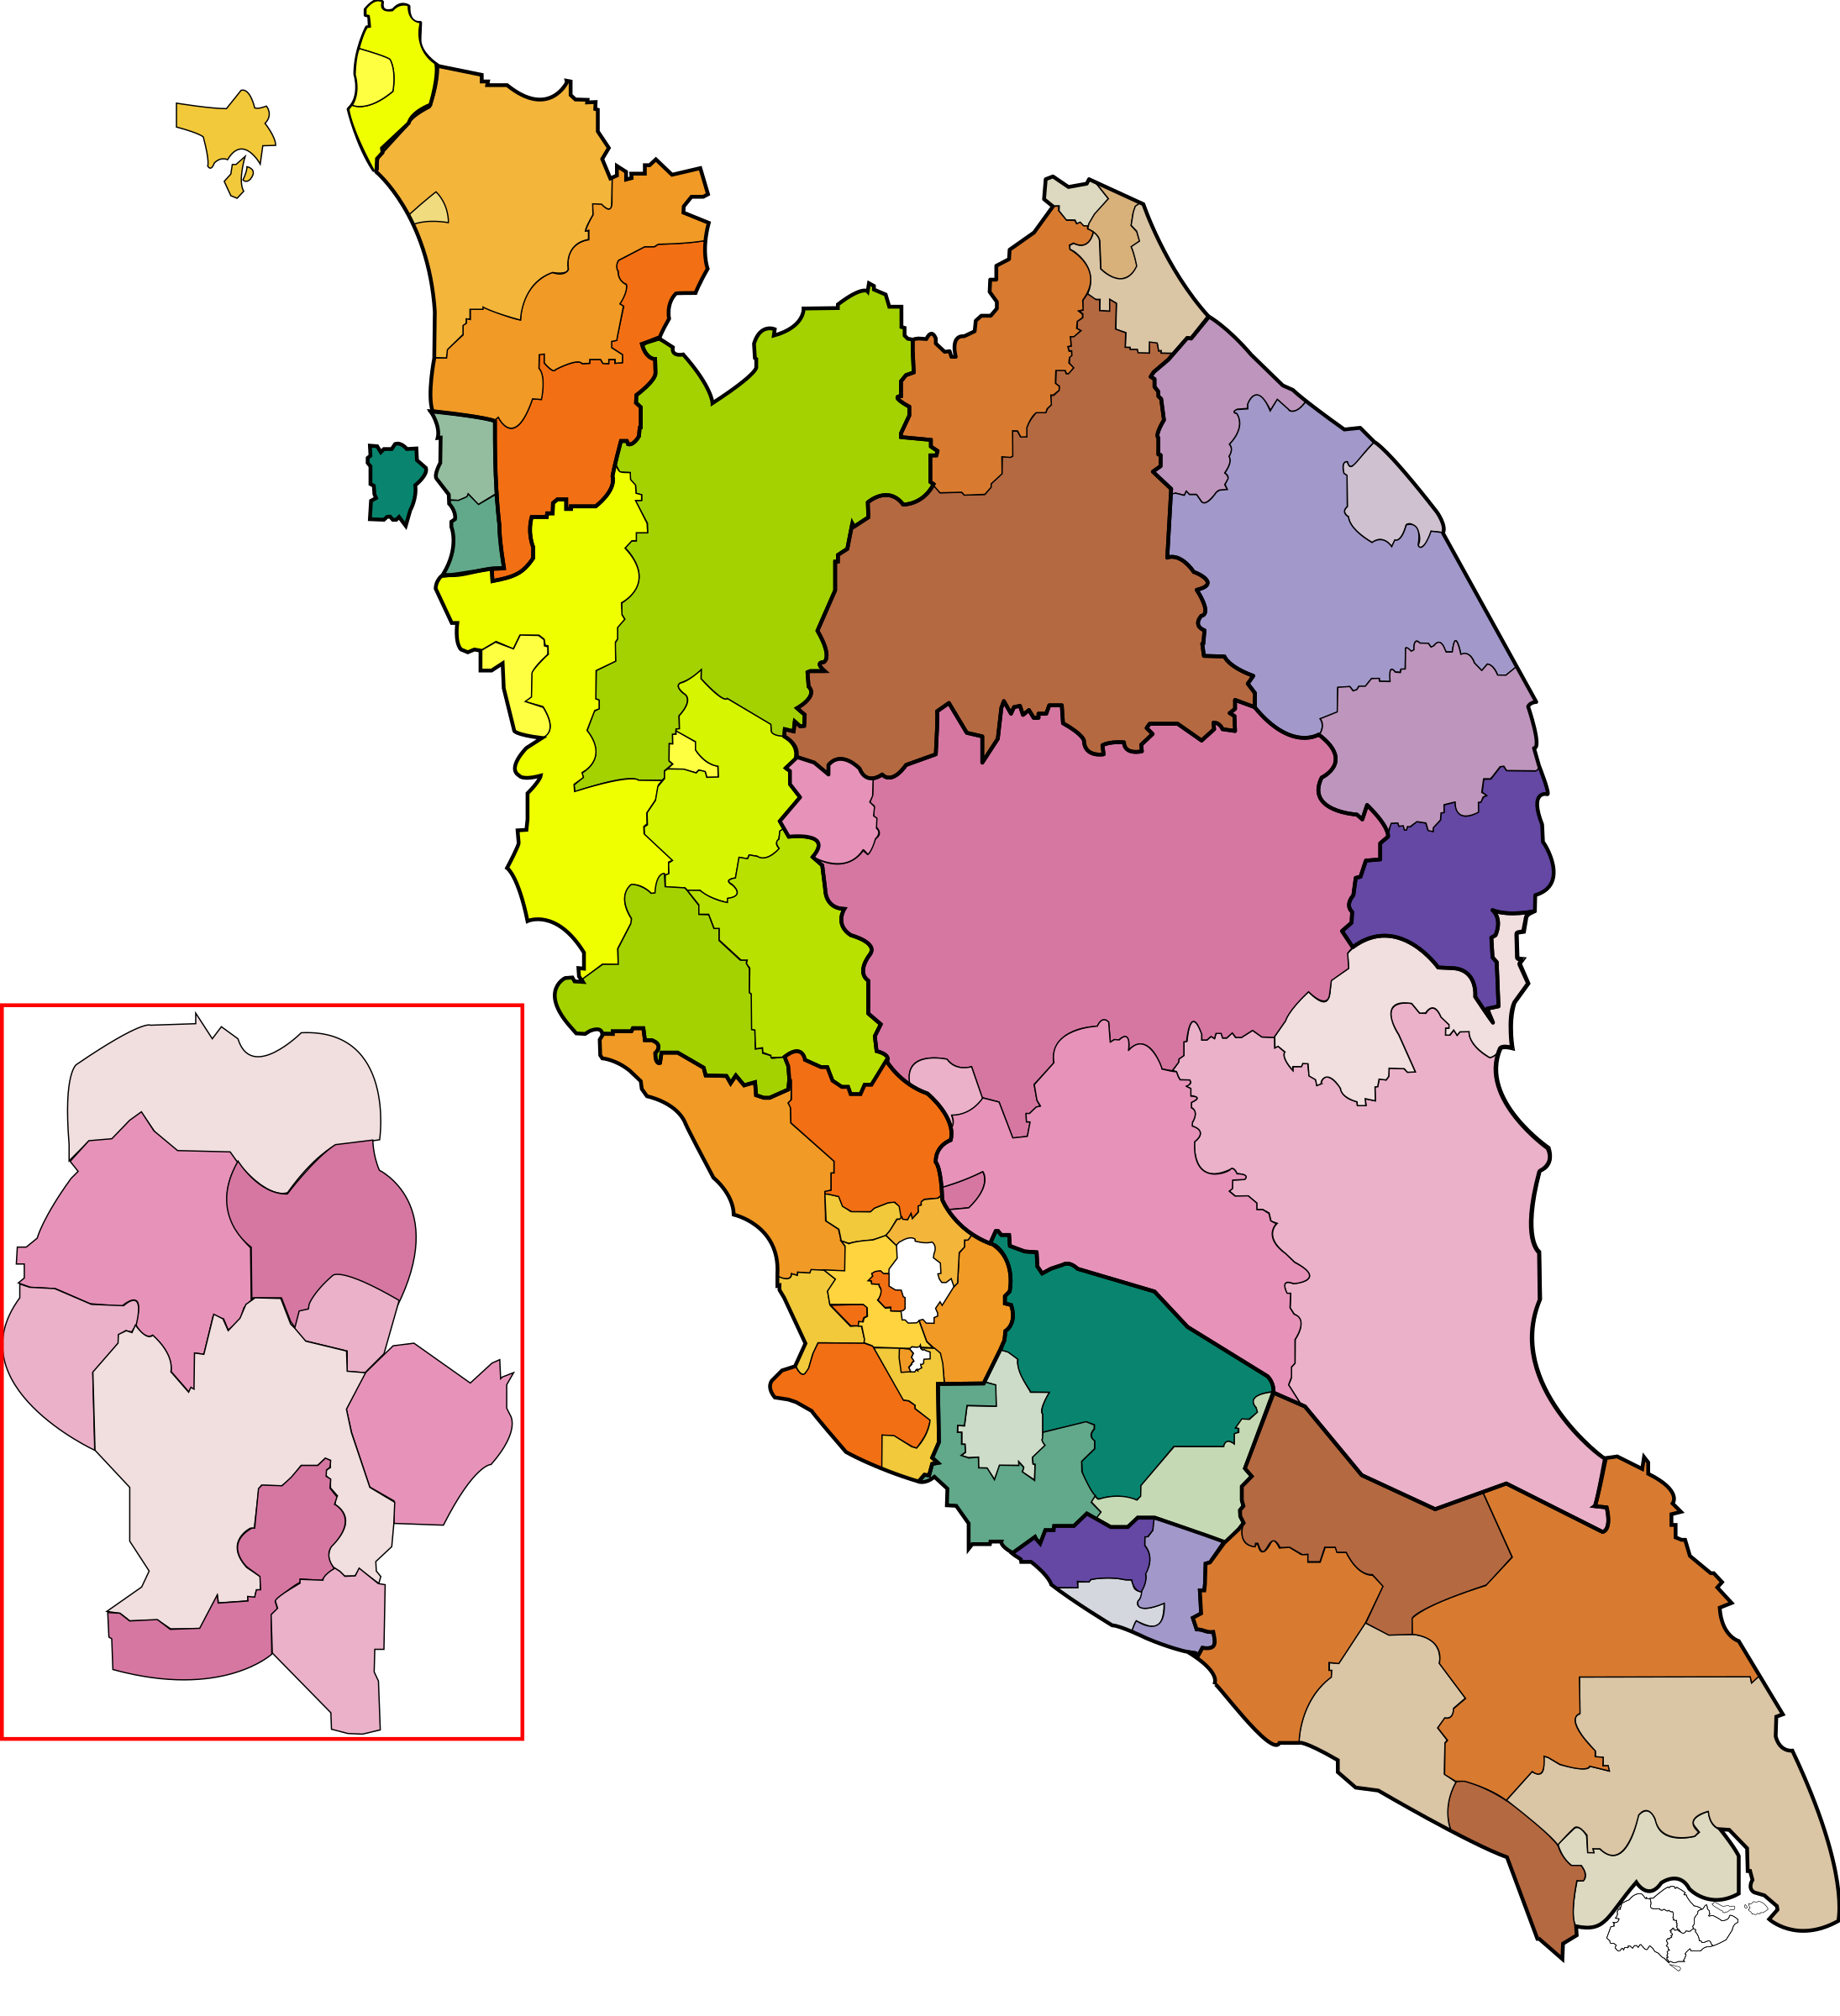 Malaysia clipart Malaysia coloured Peninsular Malaysia map